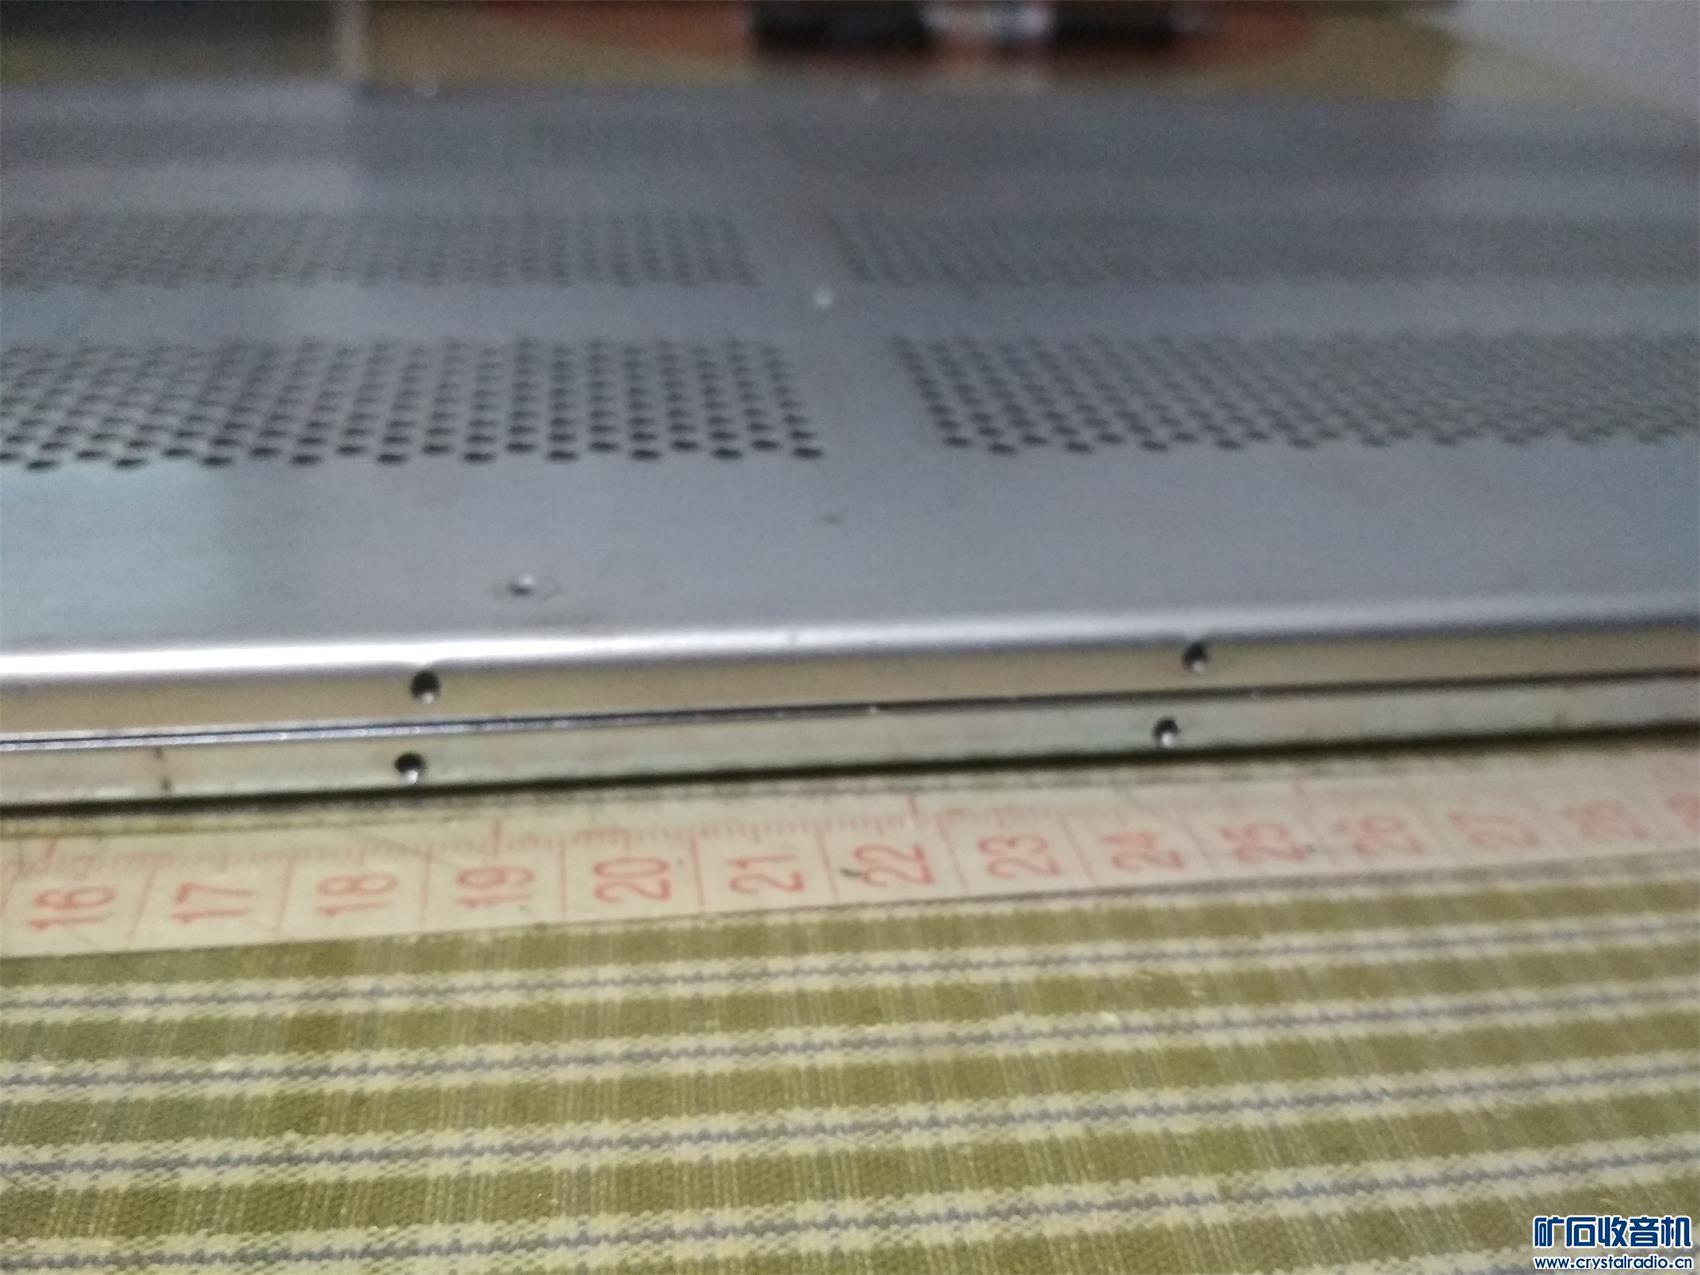 3426号铁板旁边带螺丝孔螺丝在加工只需要打孔即可组成机框上下2块一起12元 (3).jpg